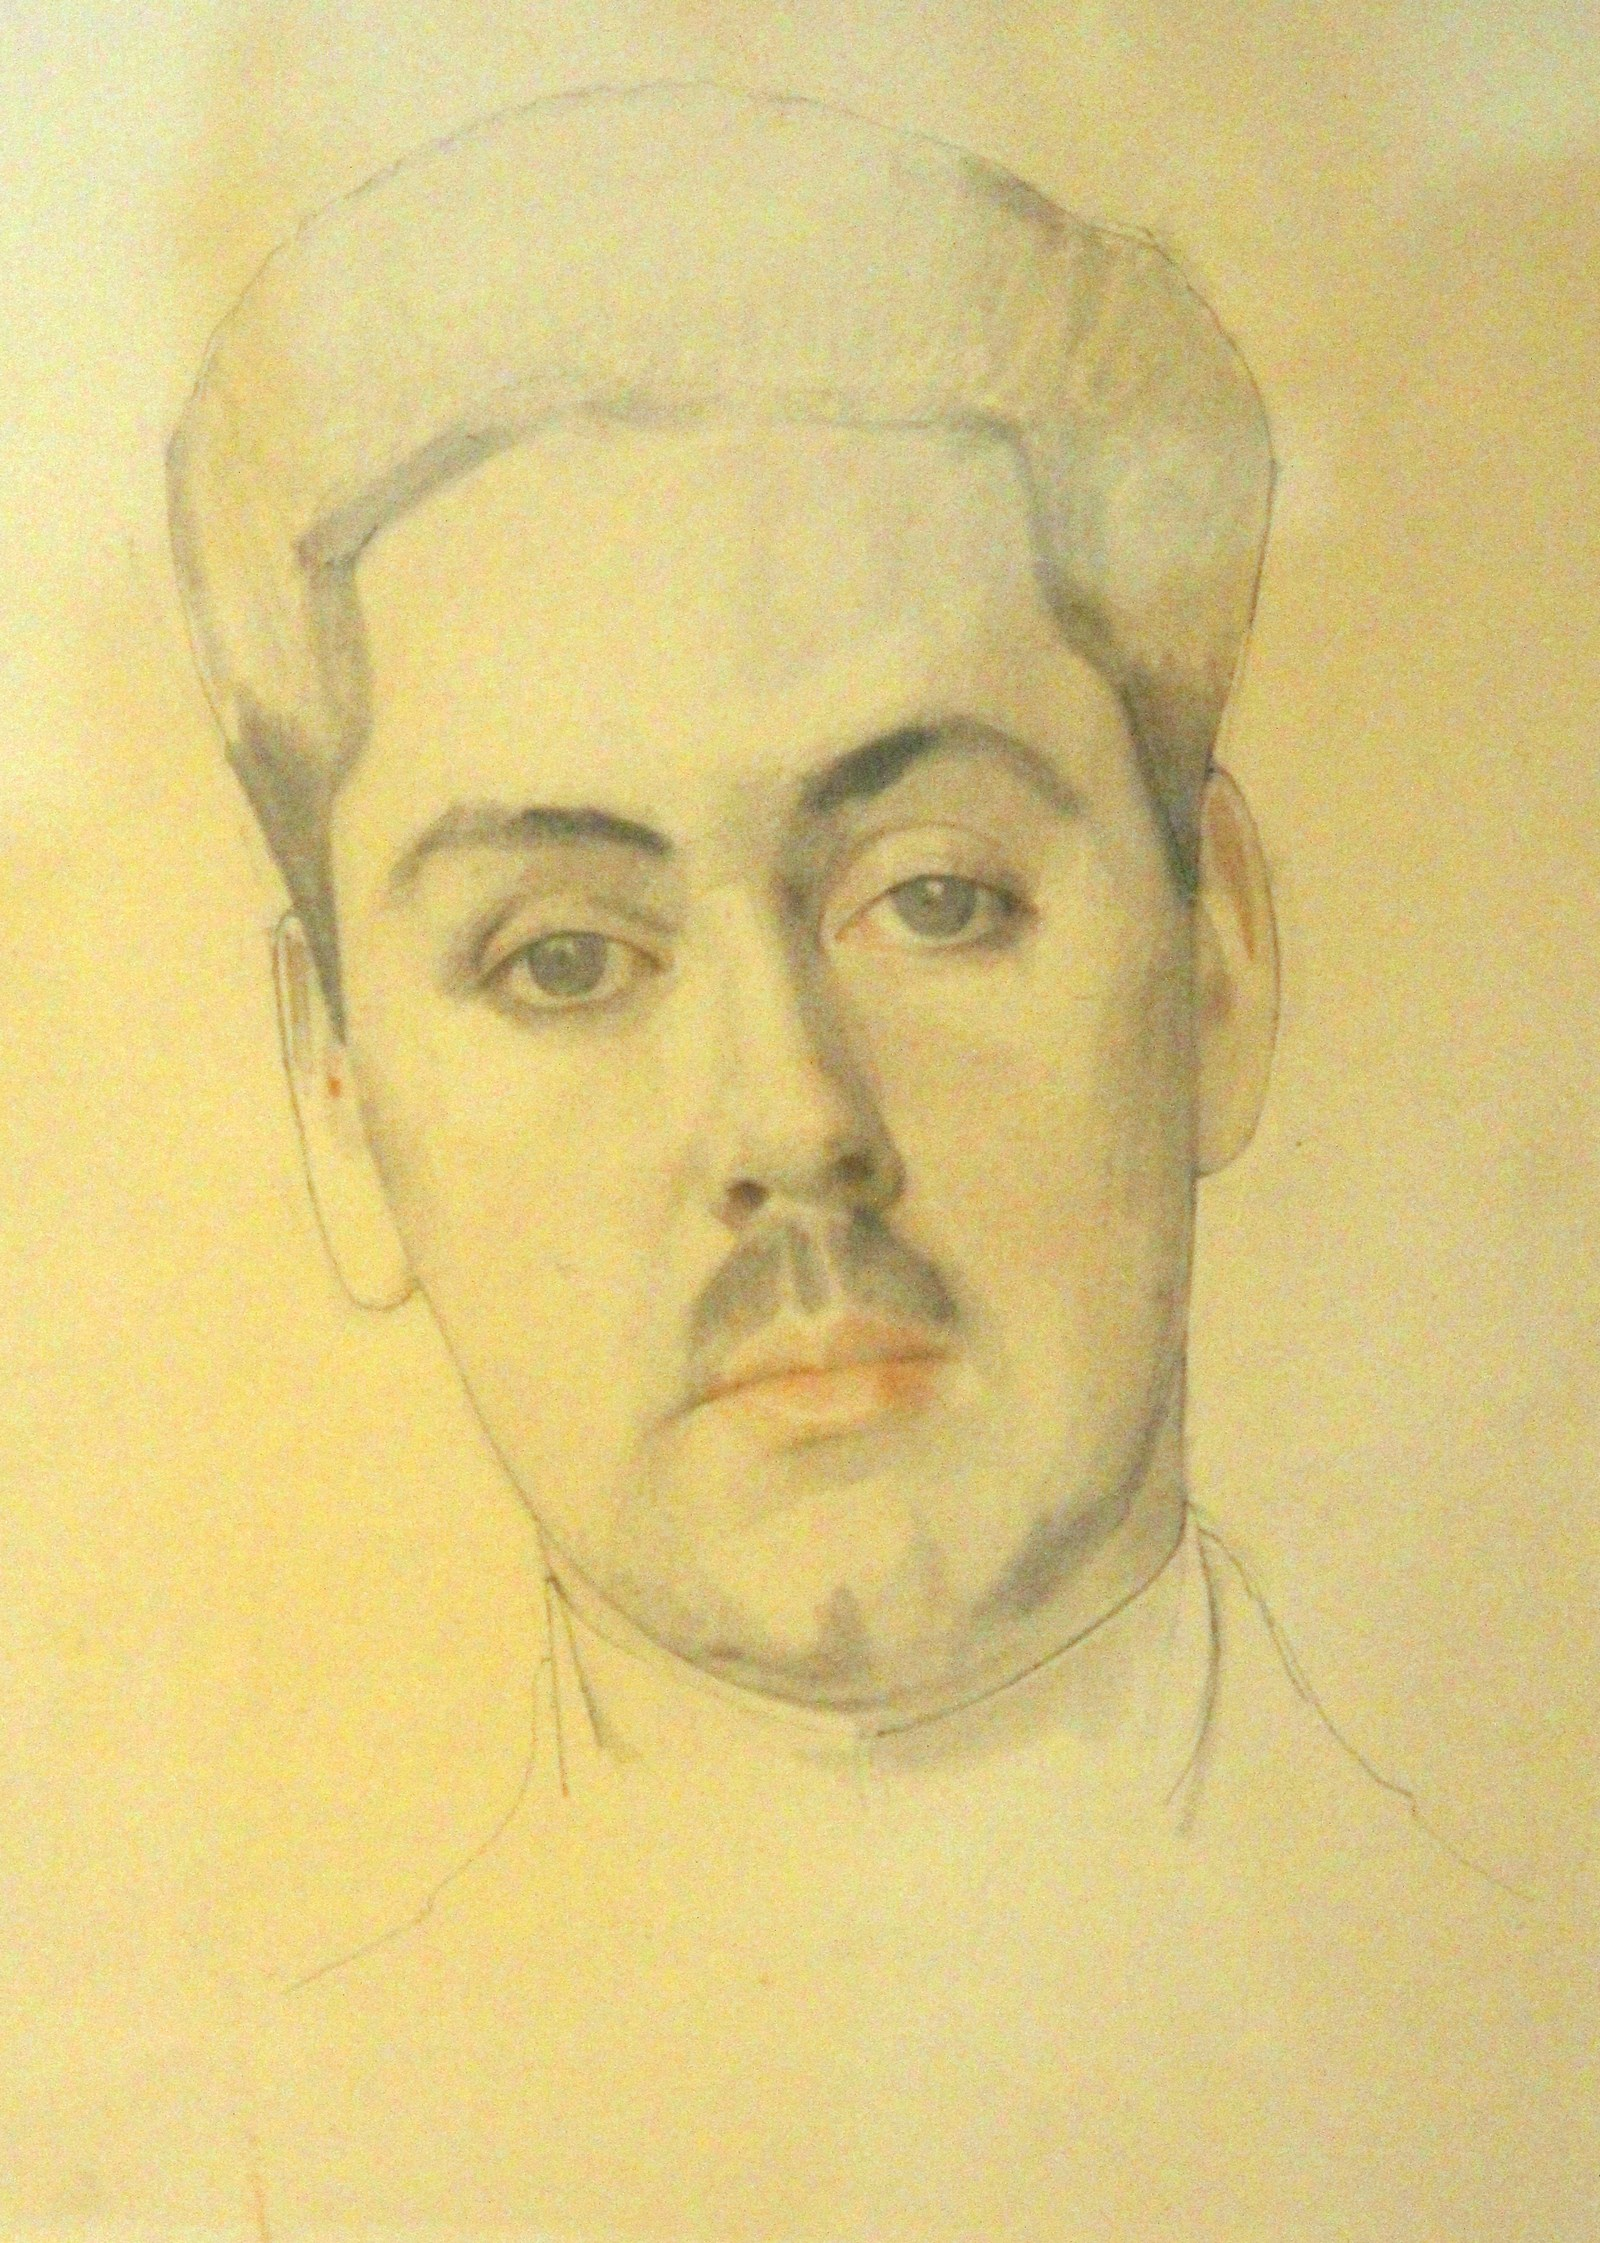 Сомов К.А. 1869-1939 Мужской портрет. 1912 Бумага, карандаш, сангина. Латвийский Национальный художественный музей